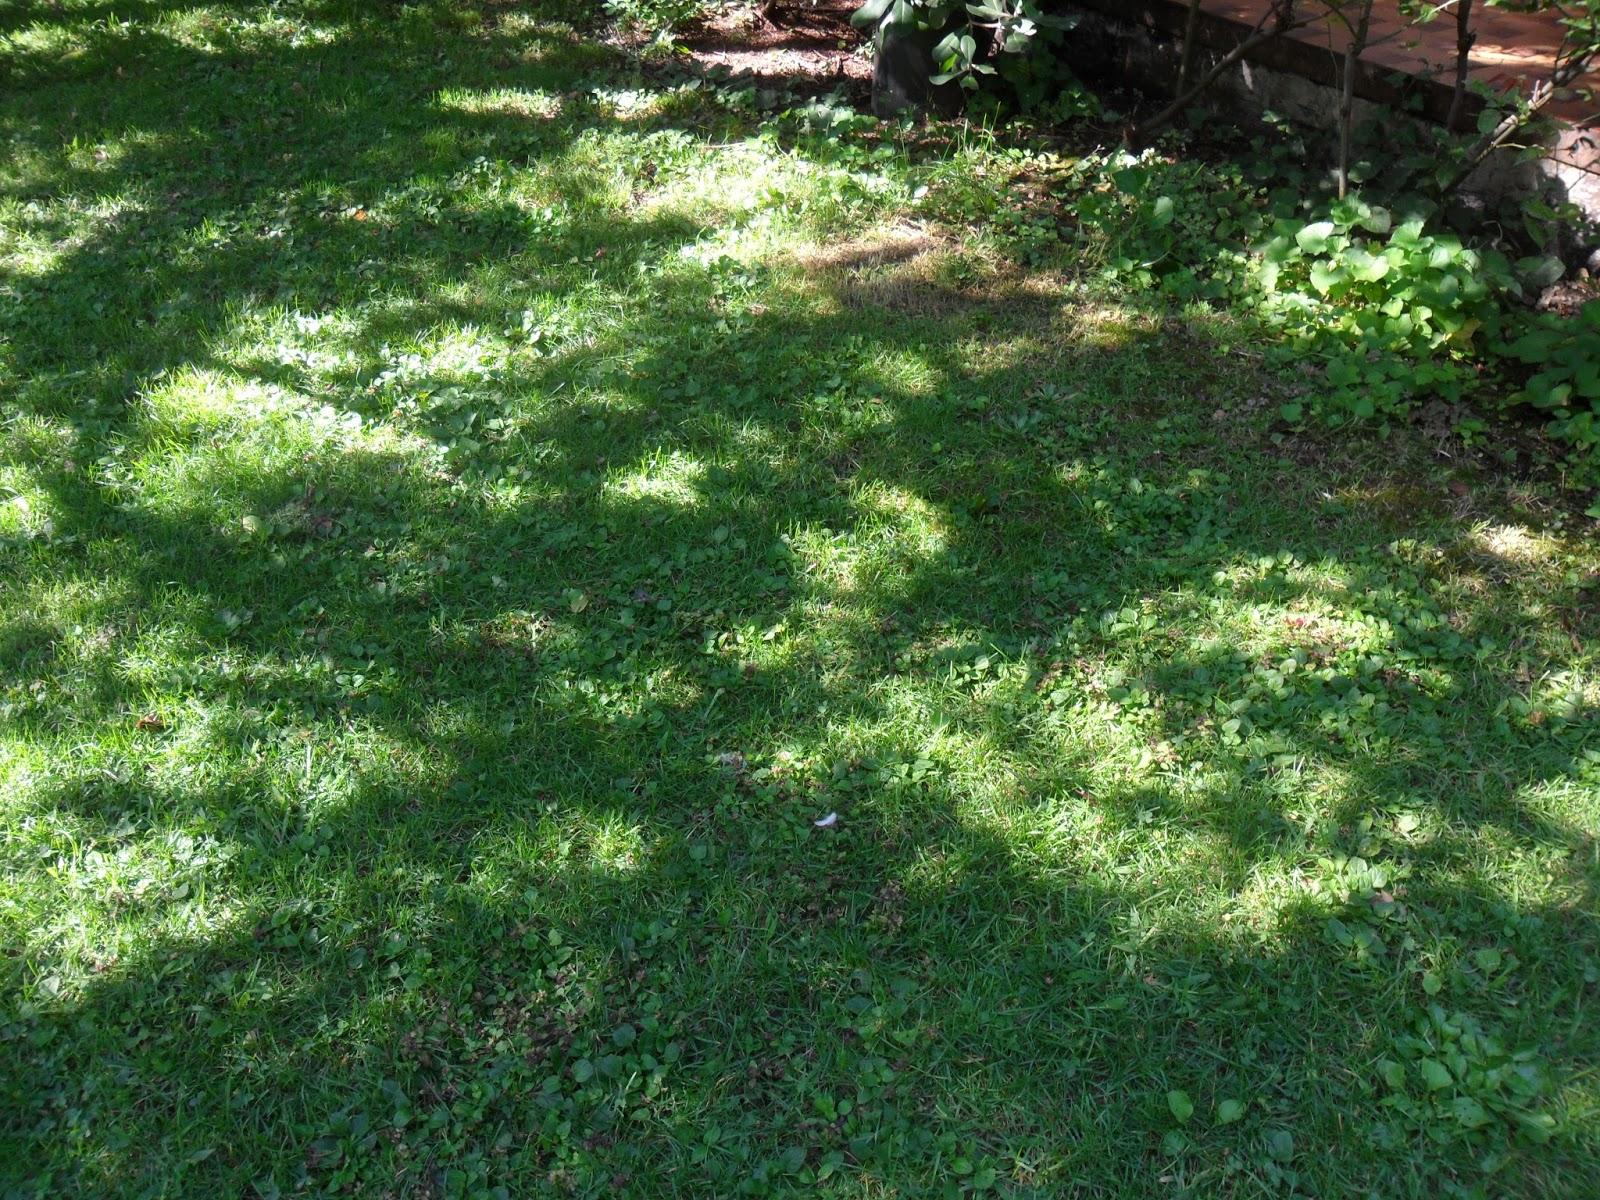 ilclanmariapia: Dal mio giardino : nocciole